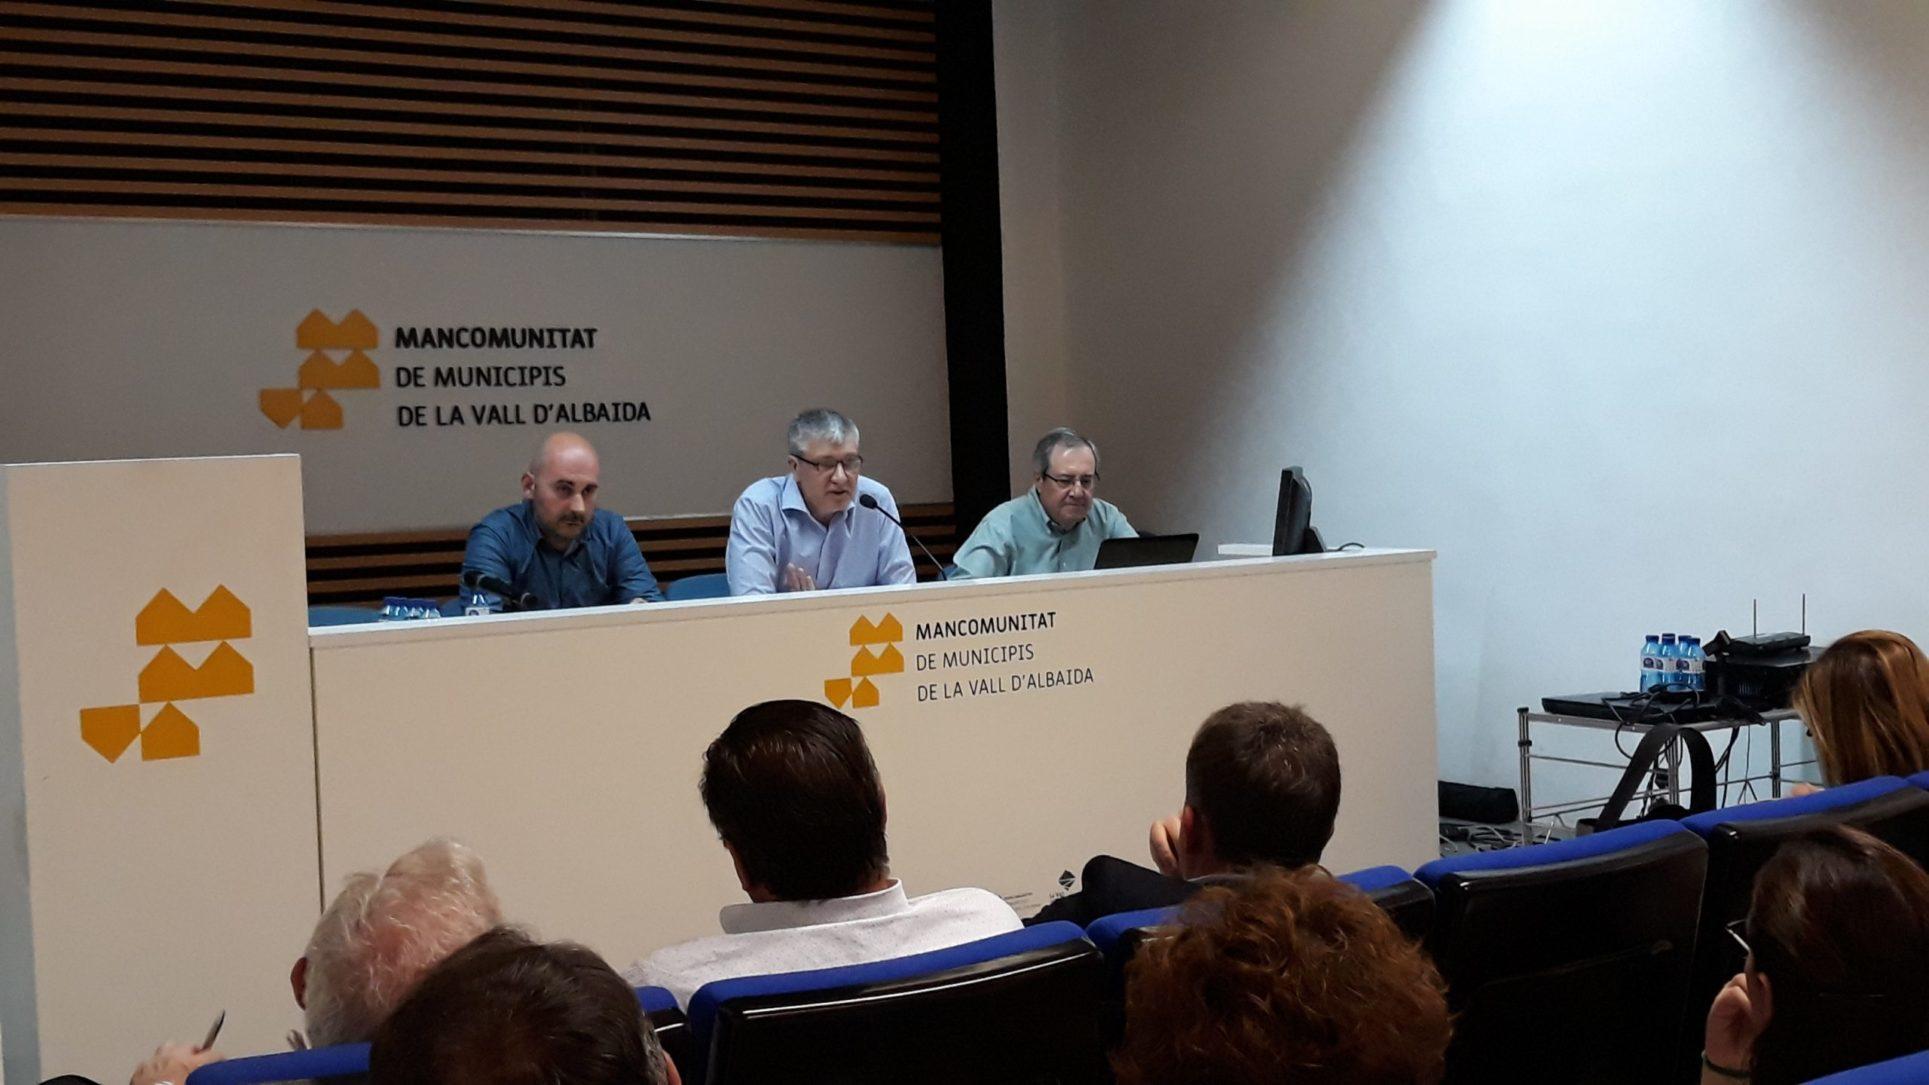 Acord per a restablir el servei de fem a Ontinyent i comarca El Periòdic d'Ontinyent